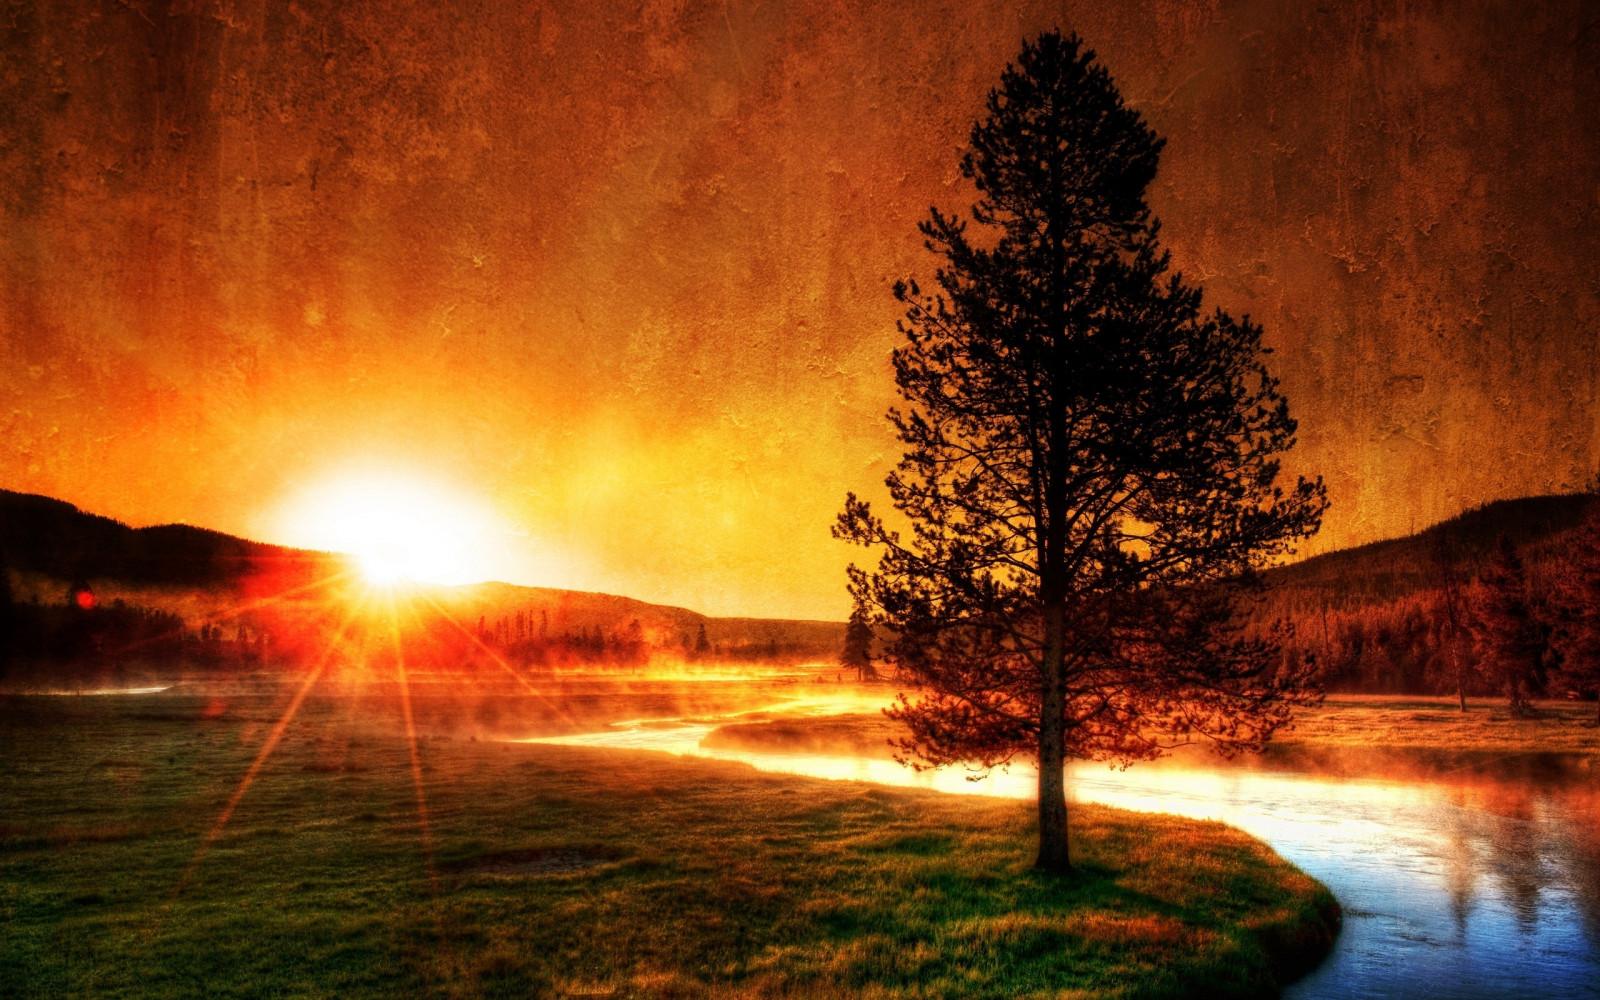 Sfondi  luce del sole paesaggio tramonto notte